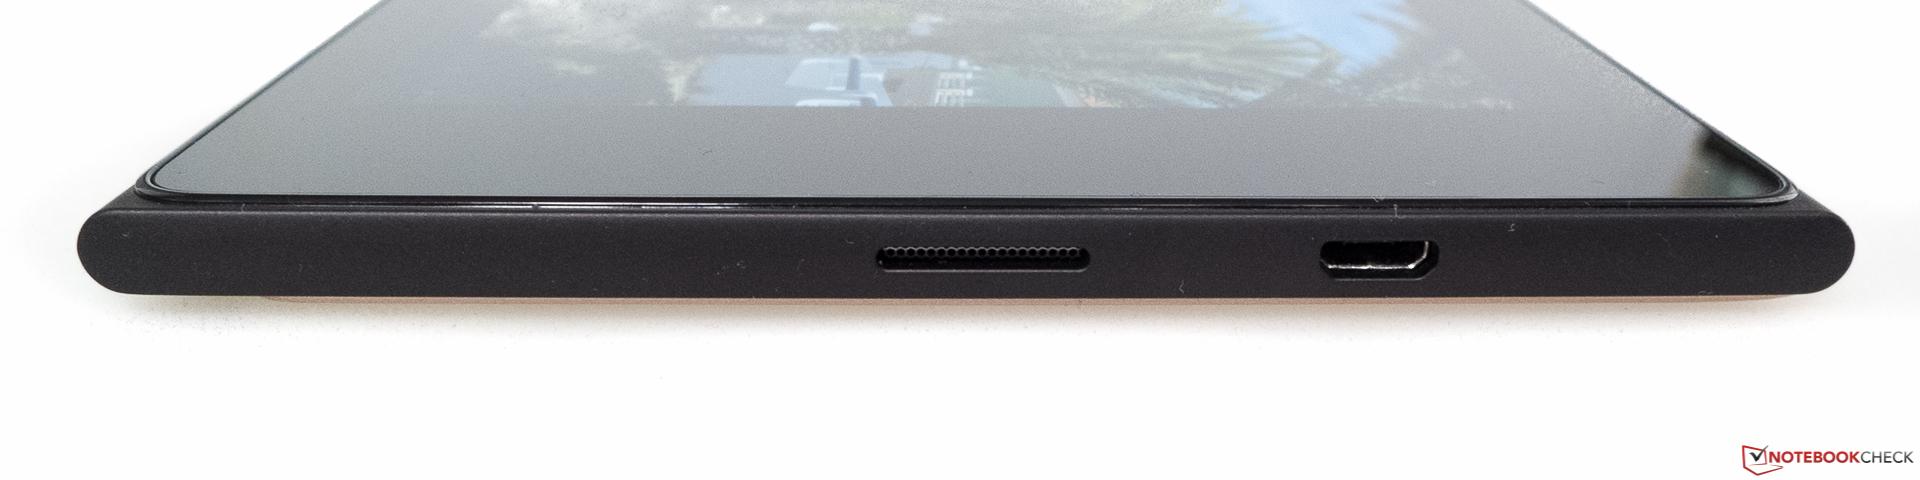 Asus Memo Pad 7 (ME572CL) Tablet Review Update